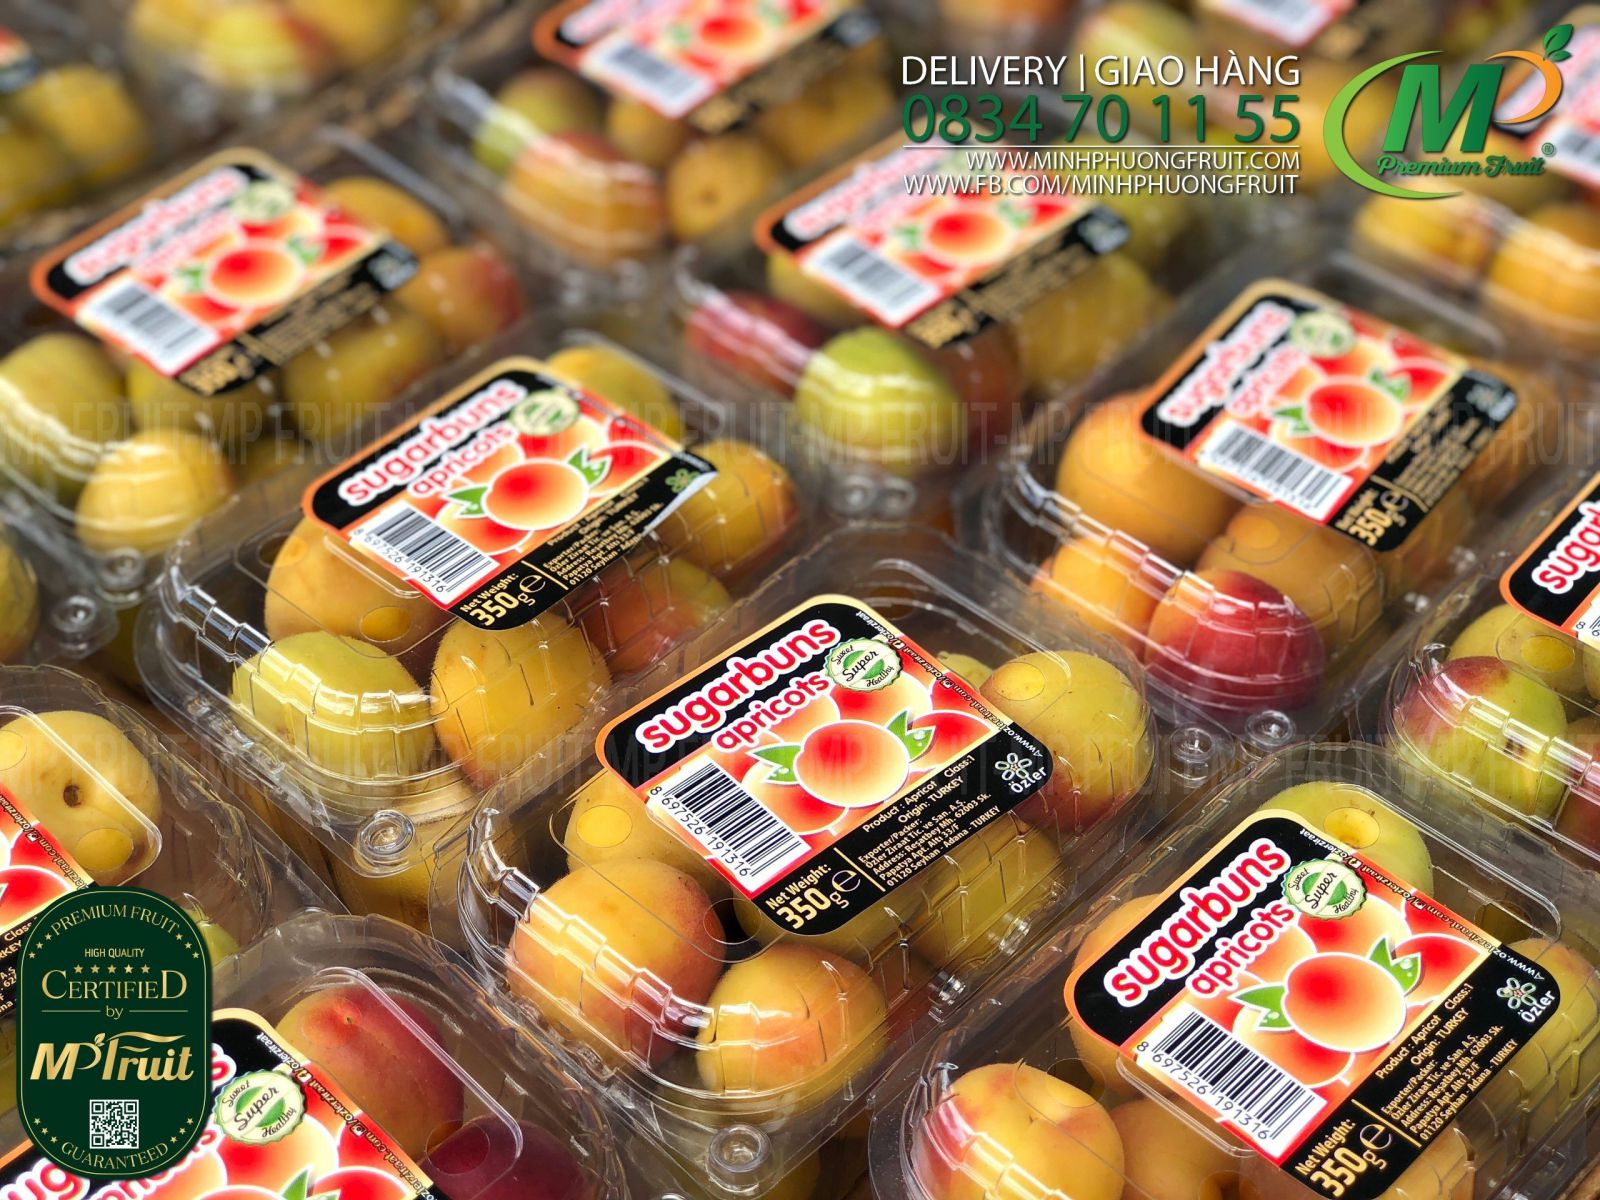 Quả Mơ Tươi Thổ Nhĩ Kỳ Hộp 350g tại MP Fruit